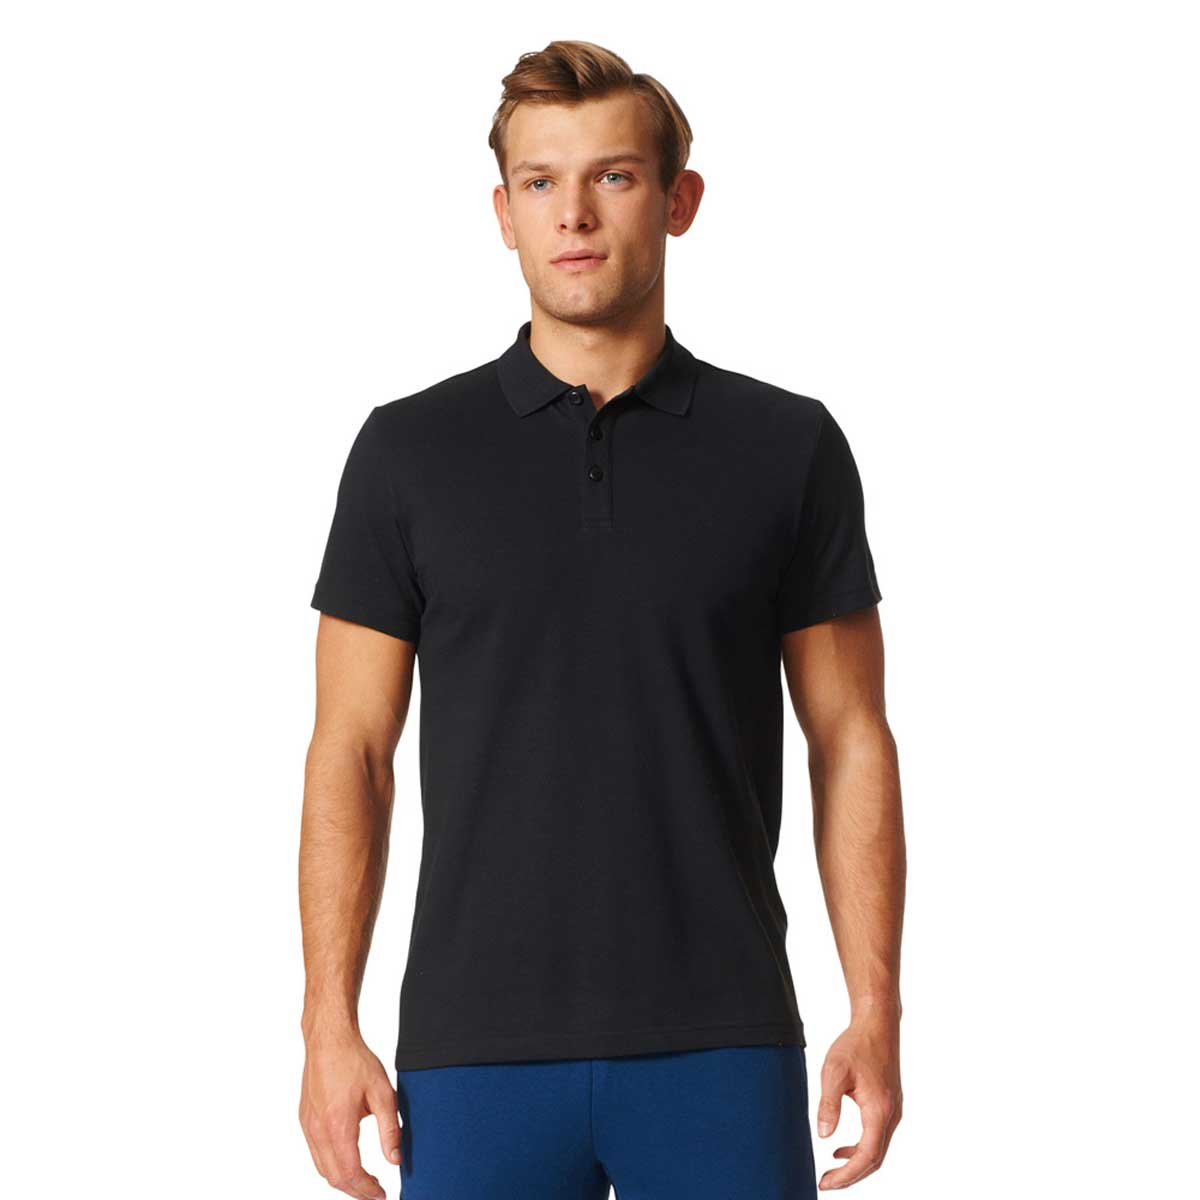 T Universiteti Shirt Indian Adidas PriceAzərbaycan Dillər lF1JTKc3